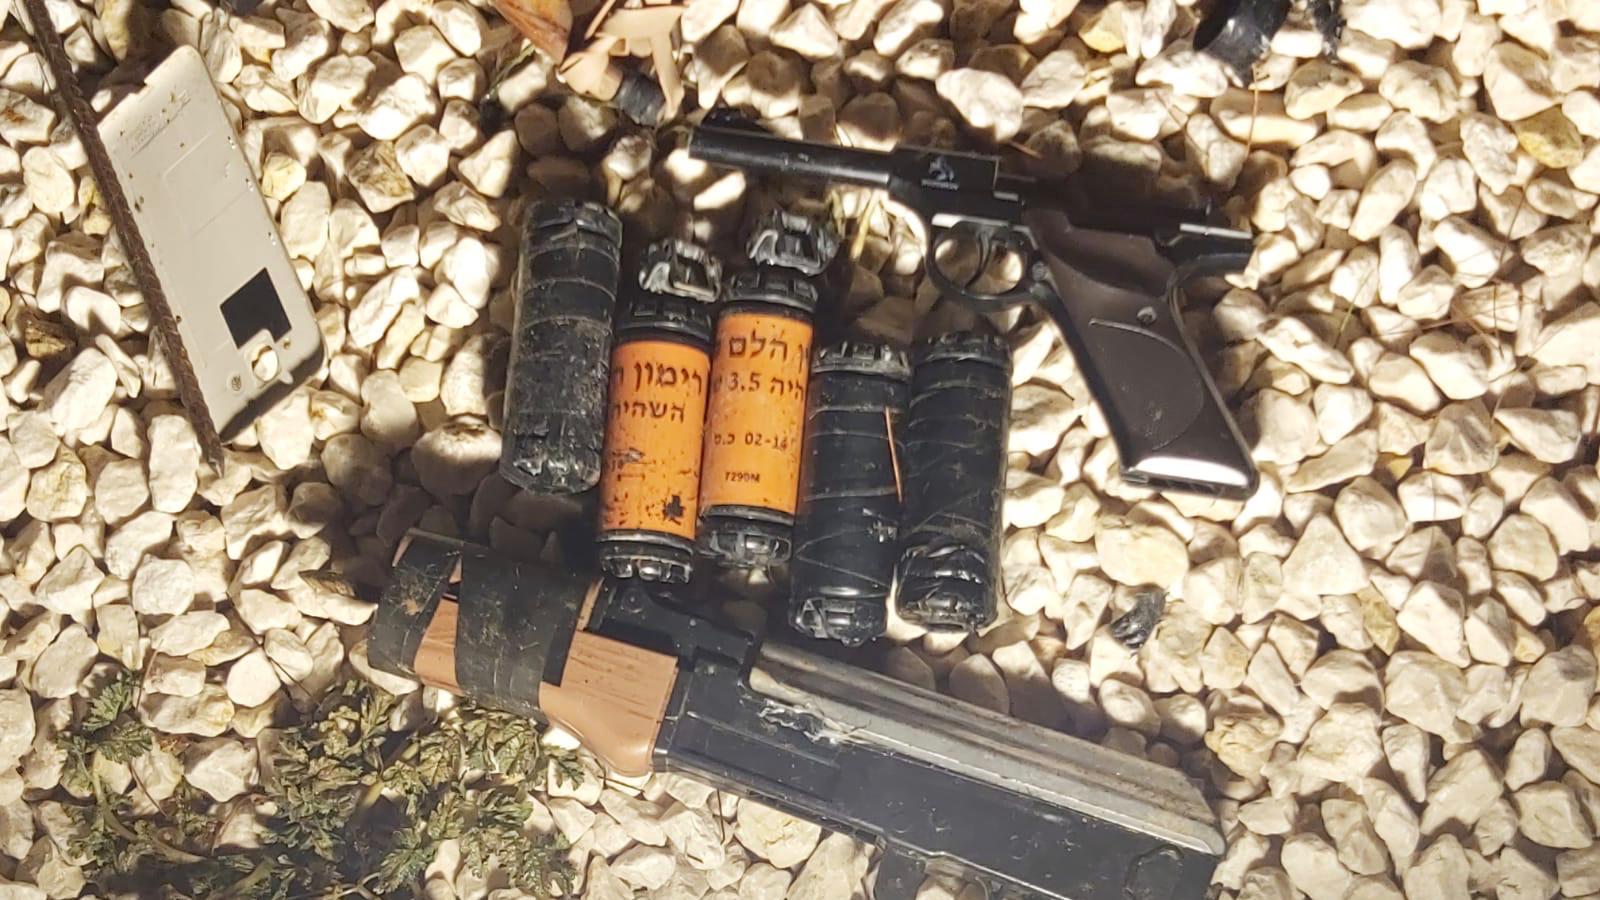 פרסום ראשון: כוחותינו עצרו תשעה מבוקשים באיו״ש ותפסו כלי נשק   צפו